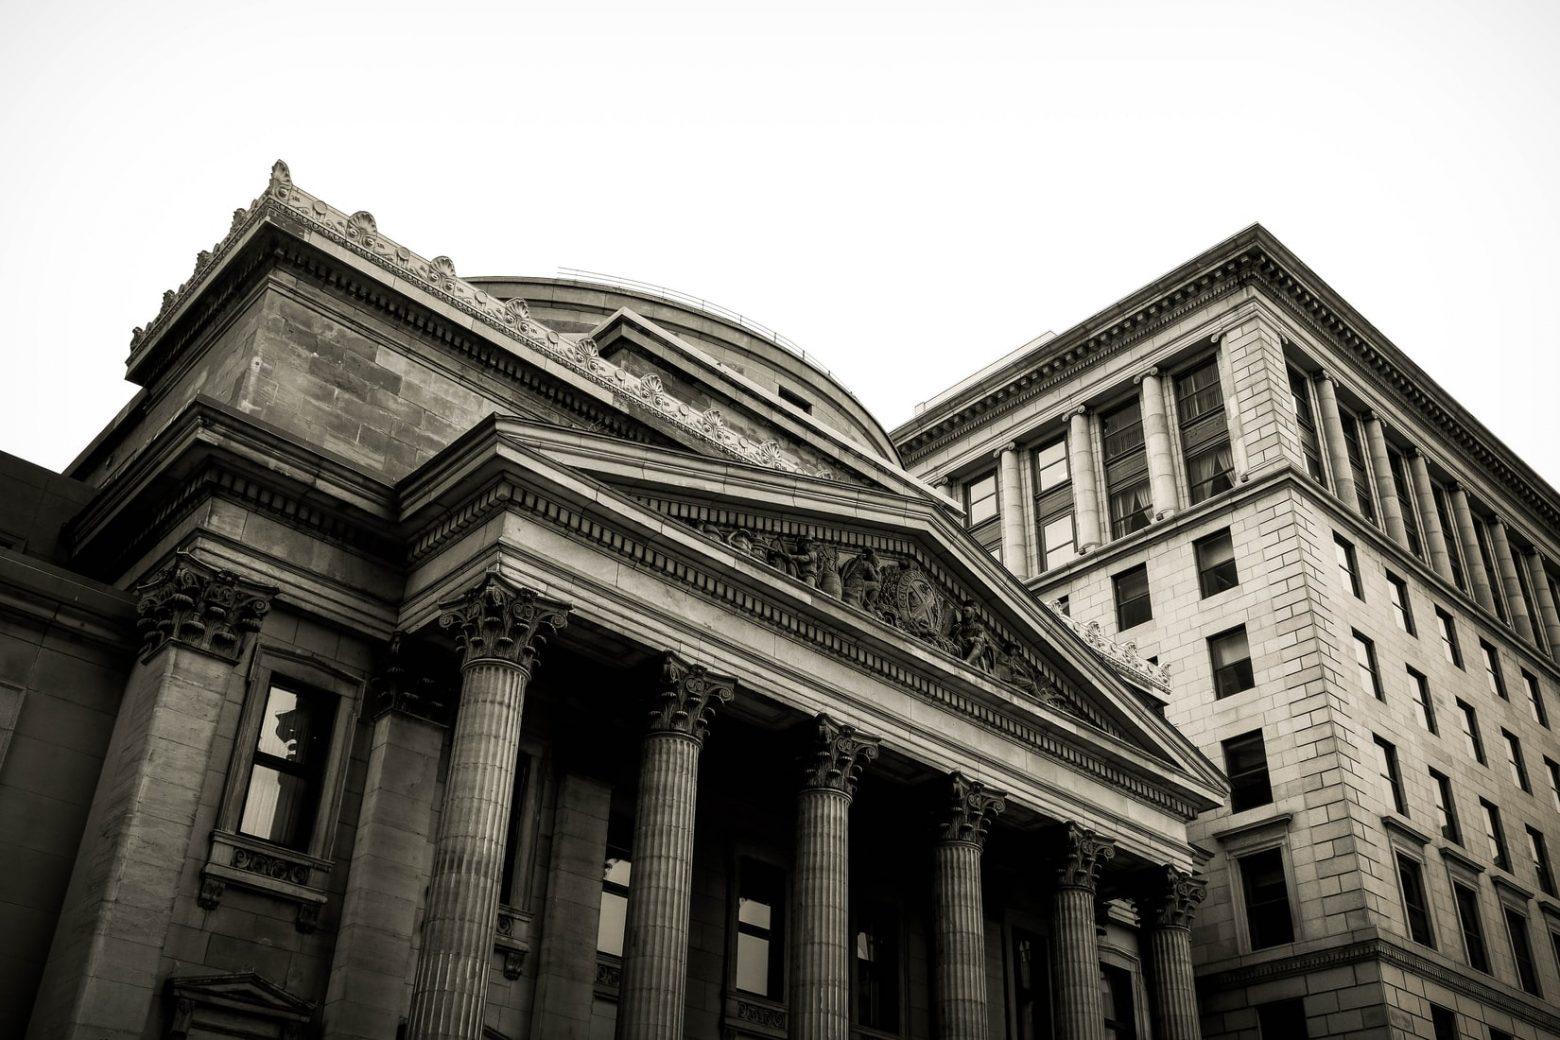 Spara pengar genom att skippa dina dyra bankfonder – välj indexfonder istället